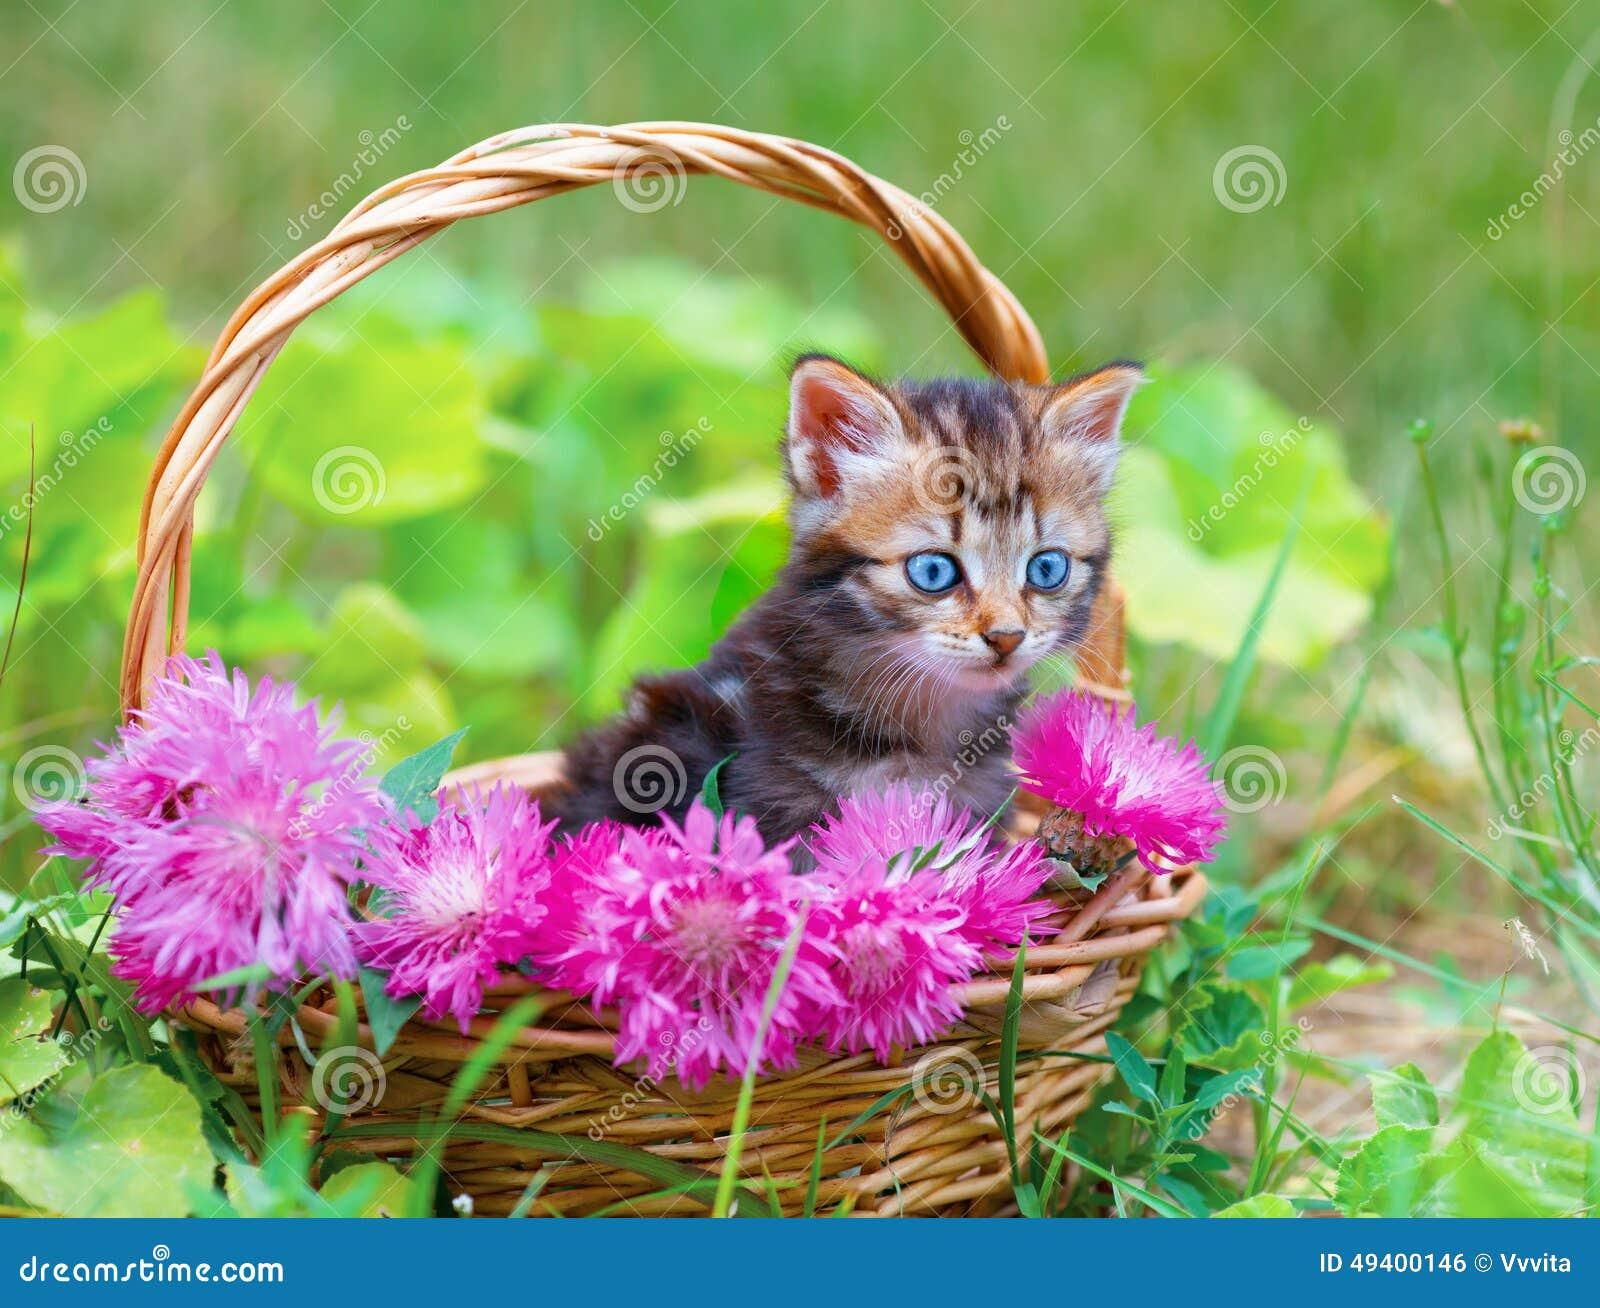 Download Kleines Kätzchen In Einem Korb Mit Blumen Stockfoto - Bild von traum, flora: 49400146